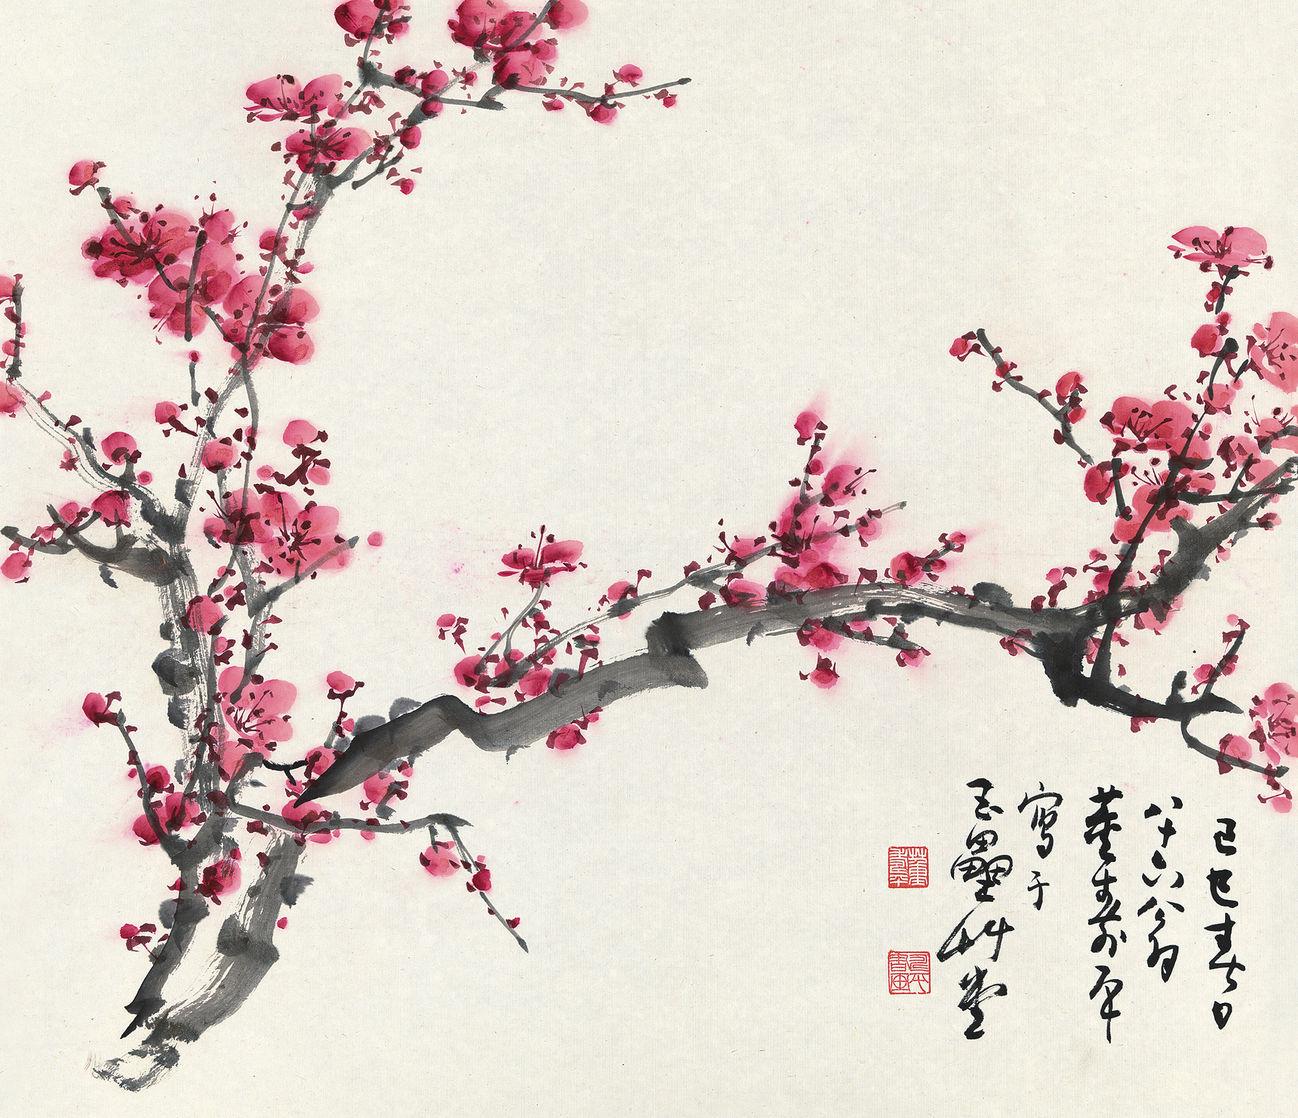 1298x1118 Plum Blossom Artwork Suzhou Gallery Artwork